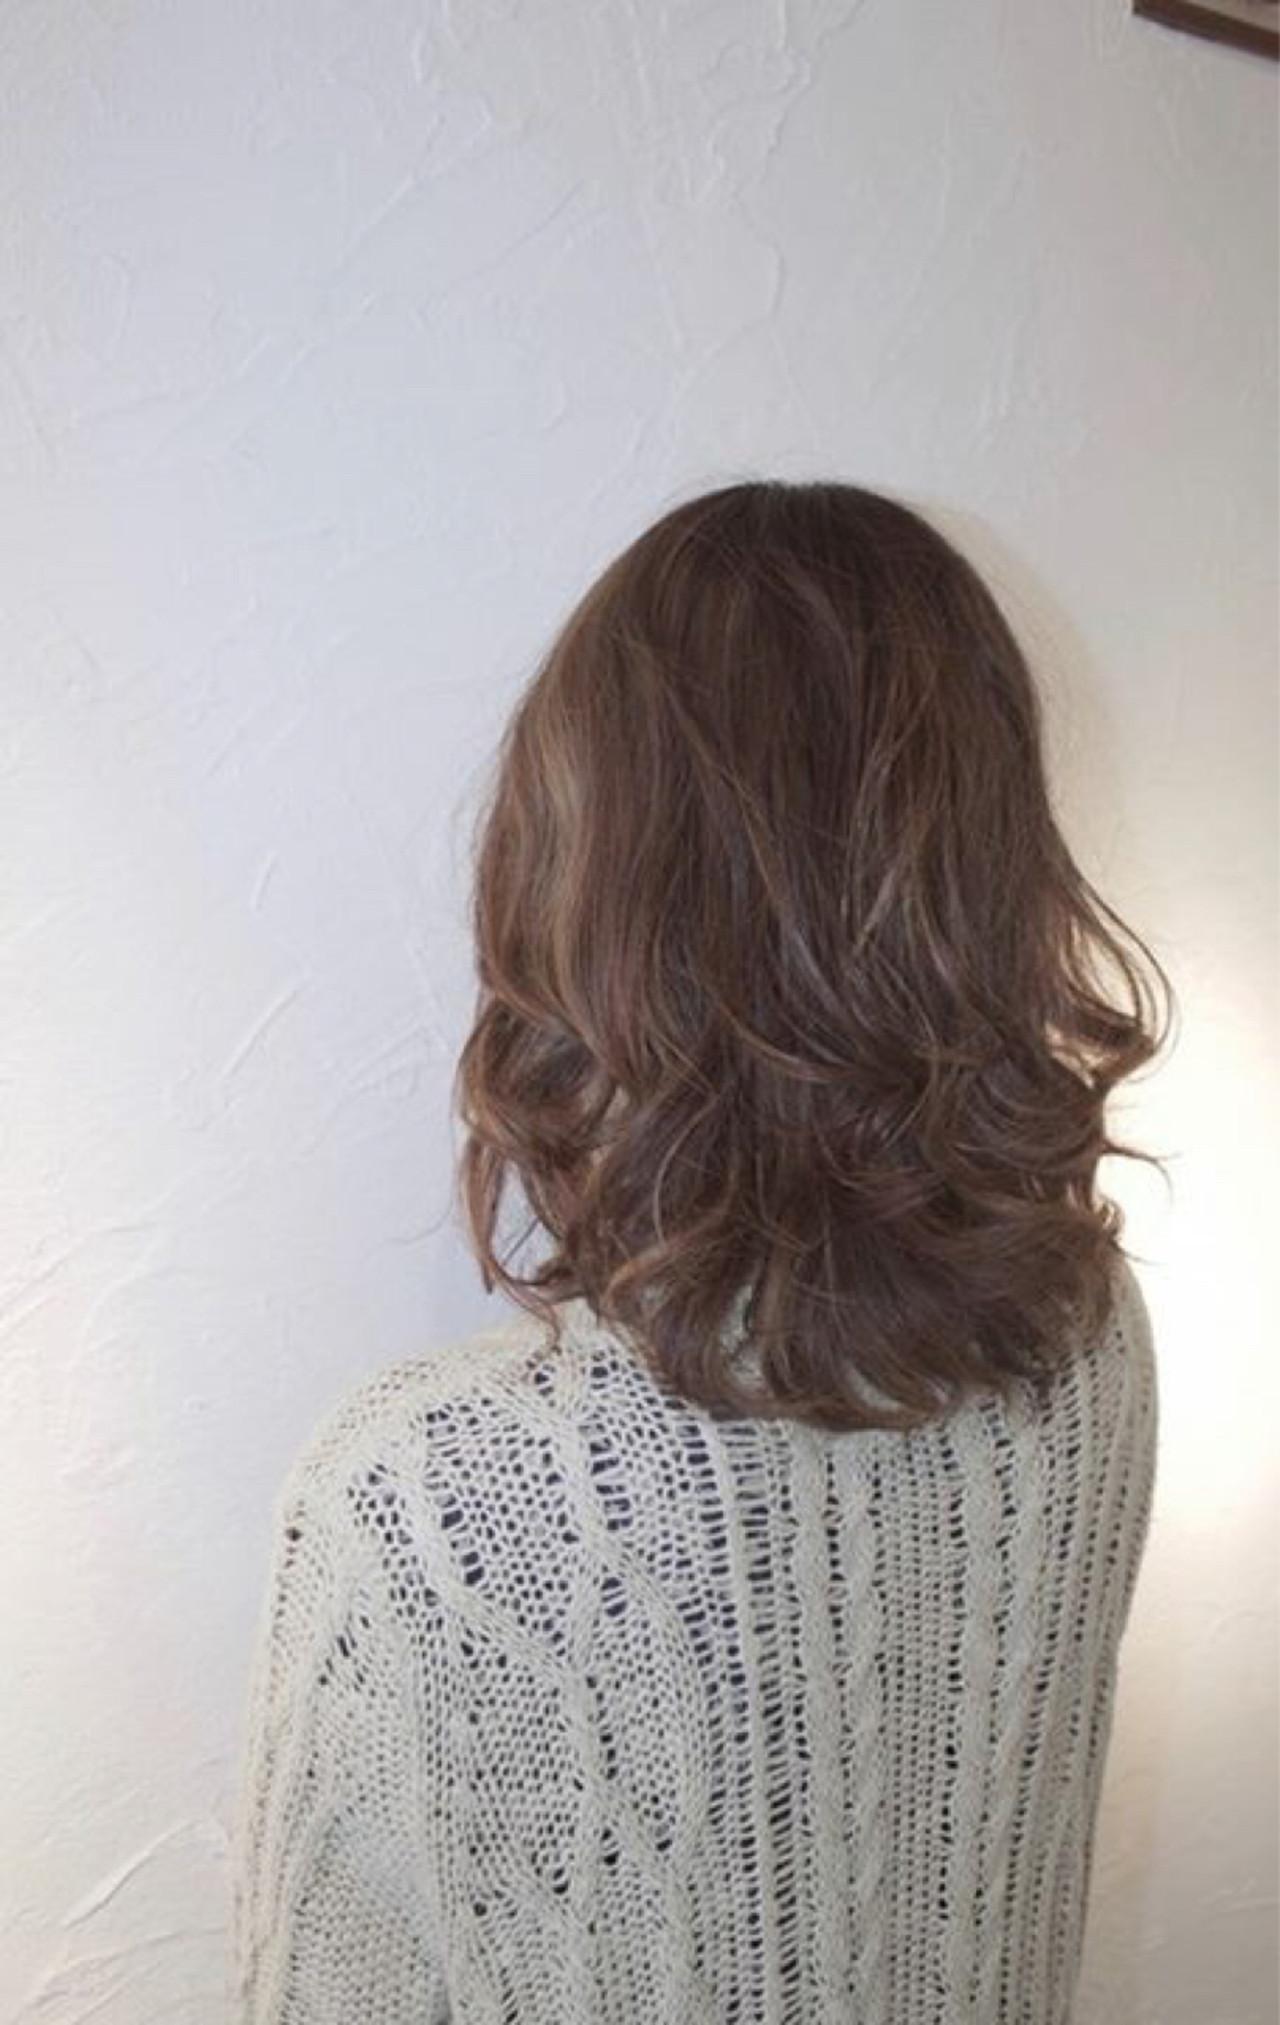 ウルフカット ボブ ミルクティー マッシュ ヘアスタイルや髪型の写真・画像 | 大西 つねお /  ELMO